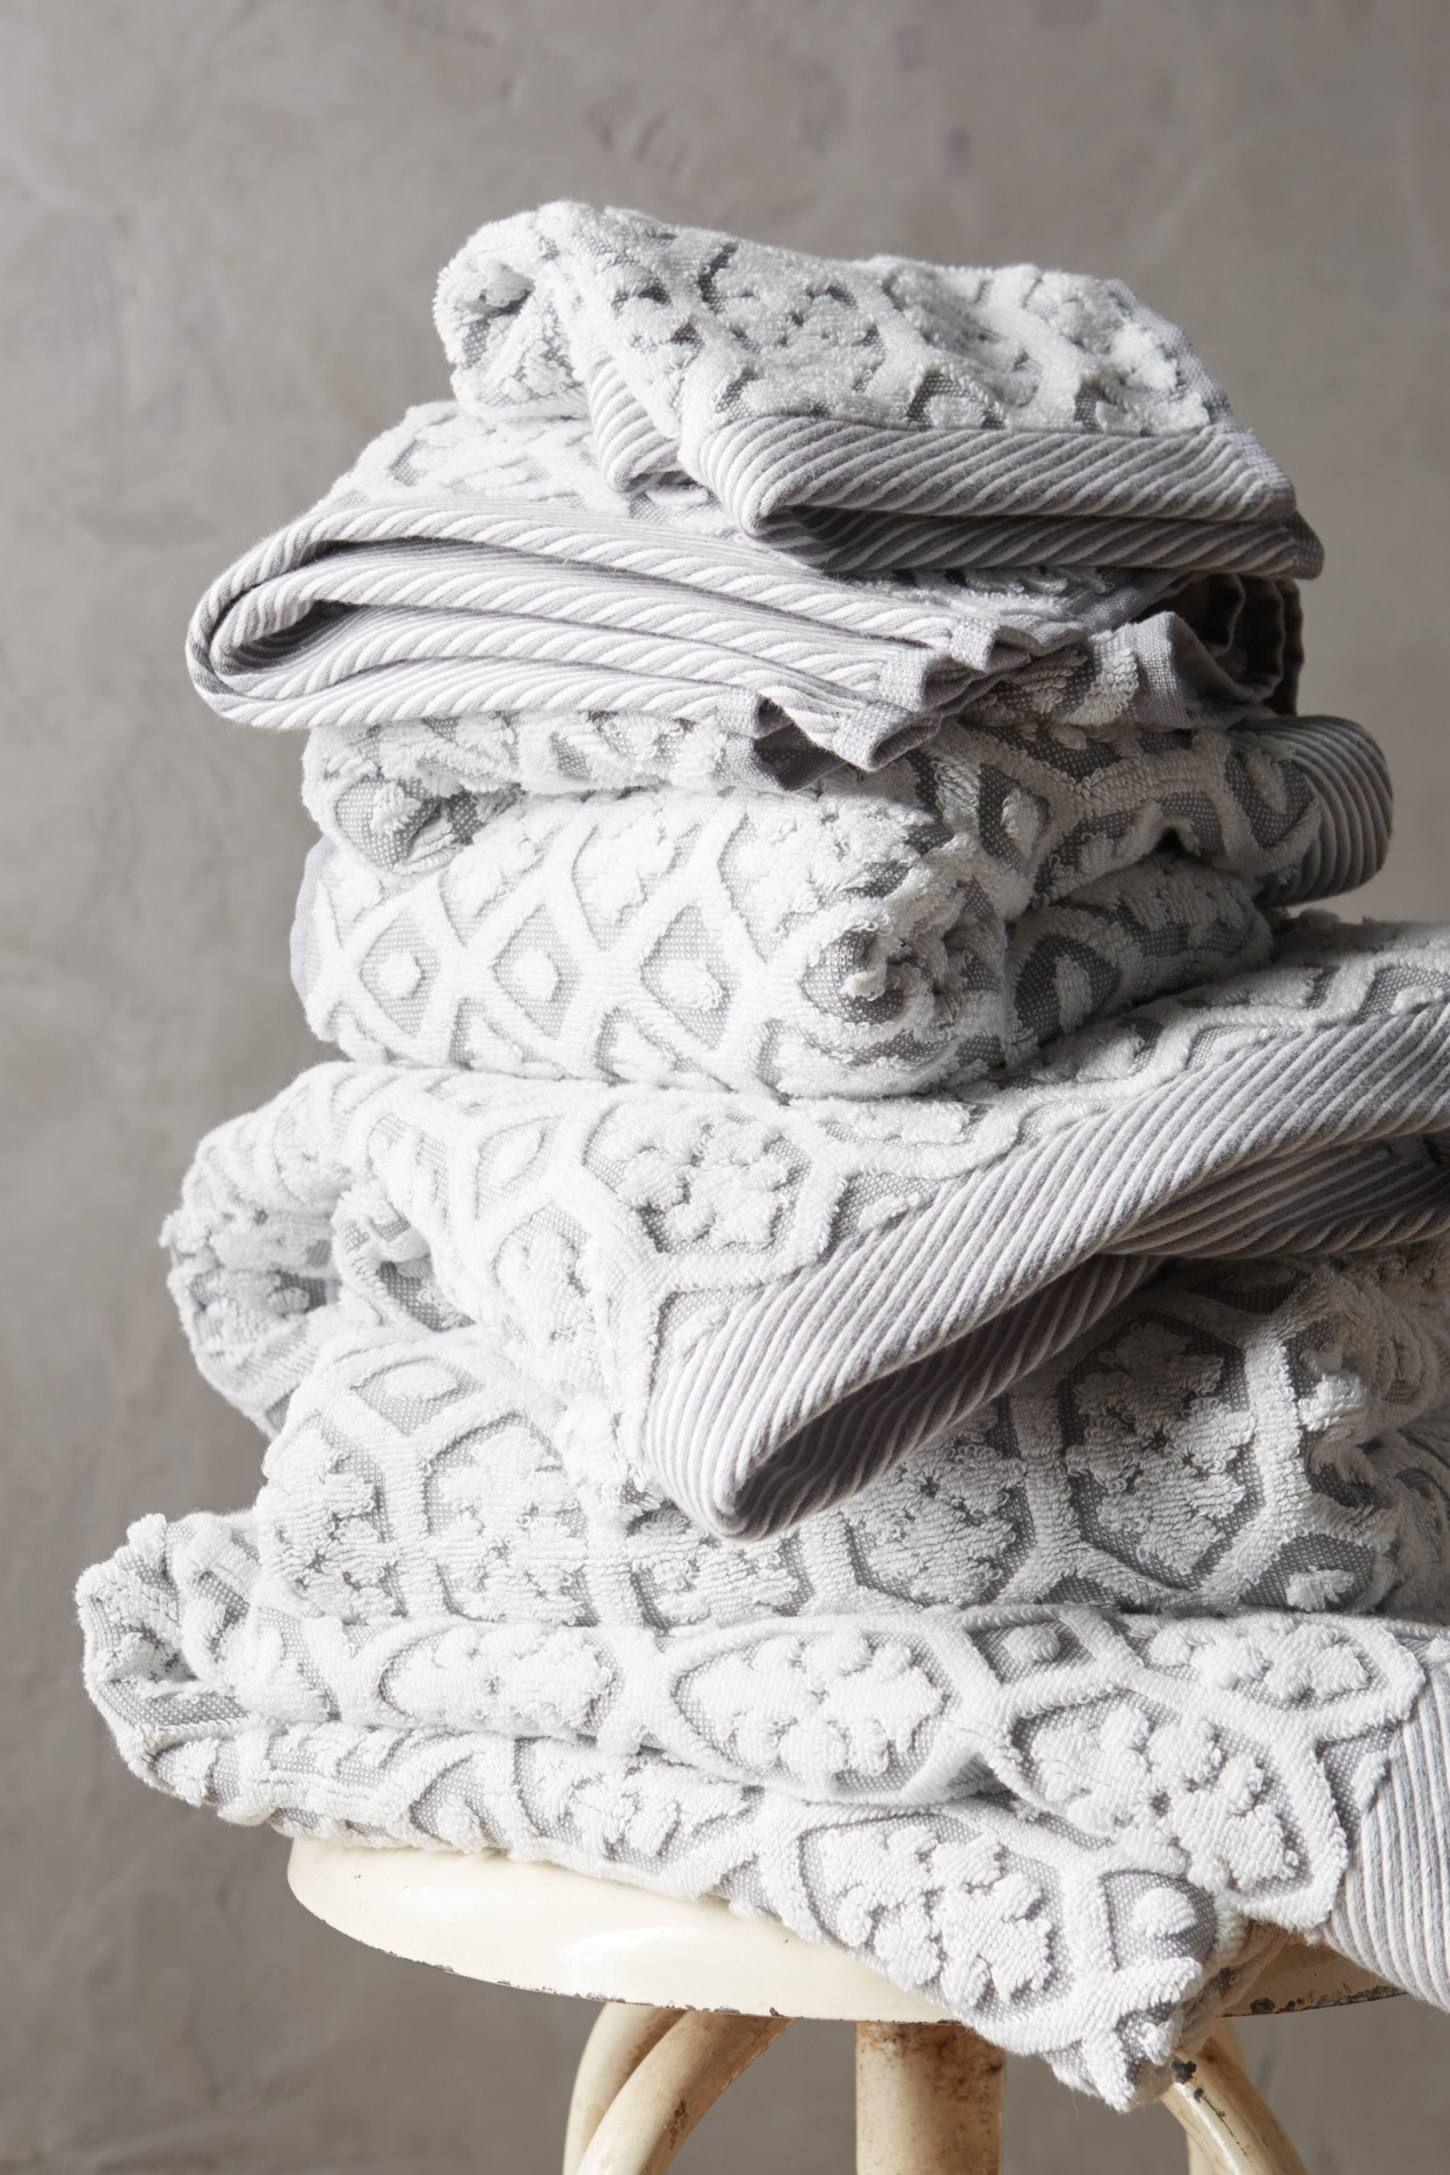 Tarren Towel Collection - anthropologie.com